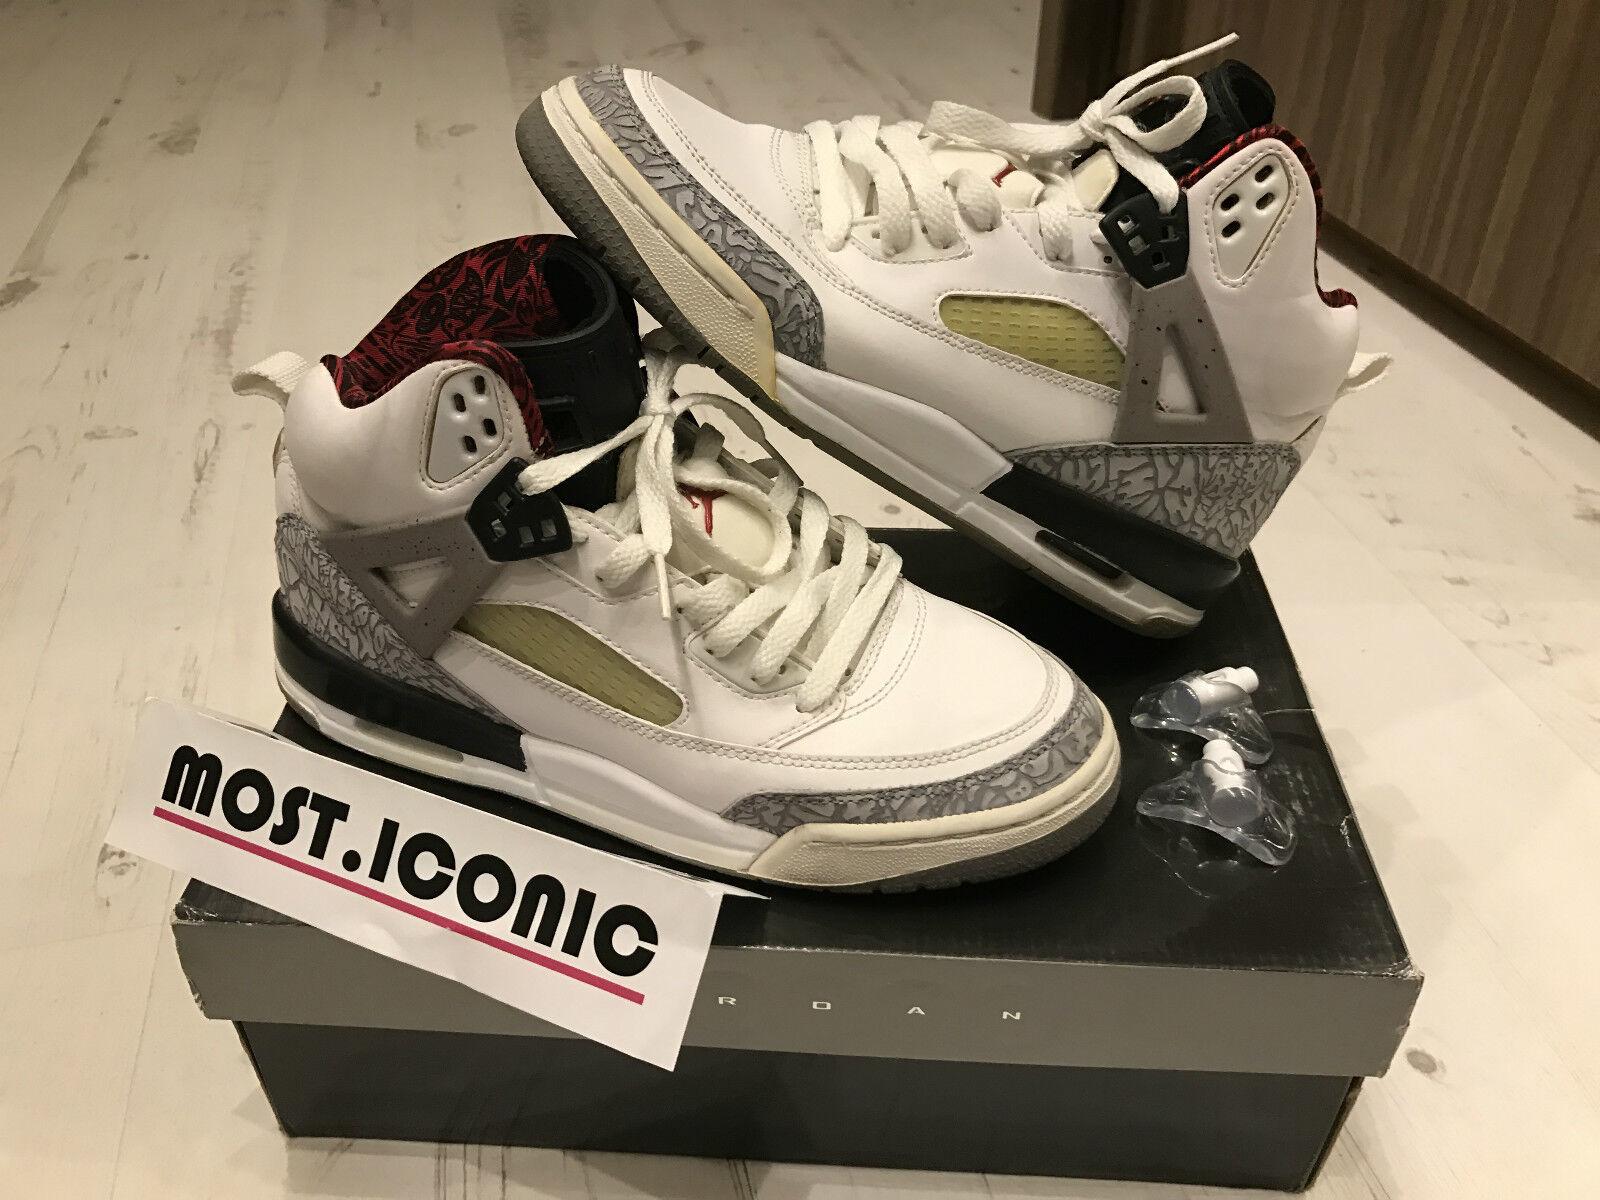 Nike Air Jordan Spizike Weiß Cement - sz 7Y - schwarz aj i xi vi iii 3 4 11 7 iv